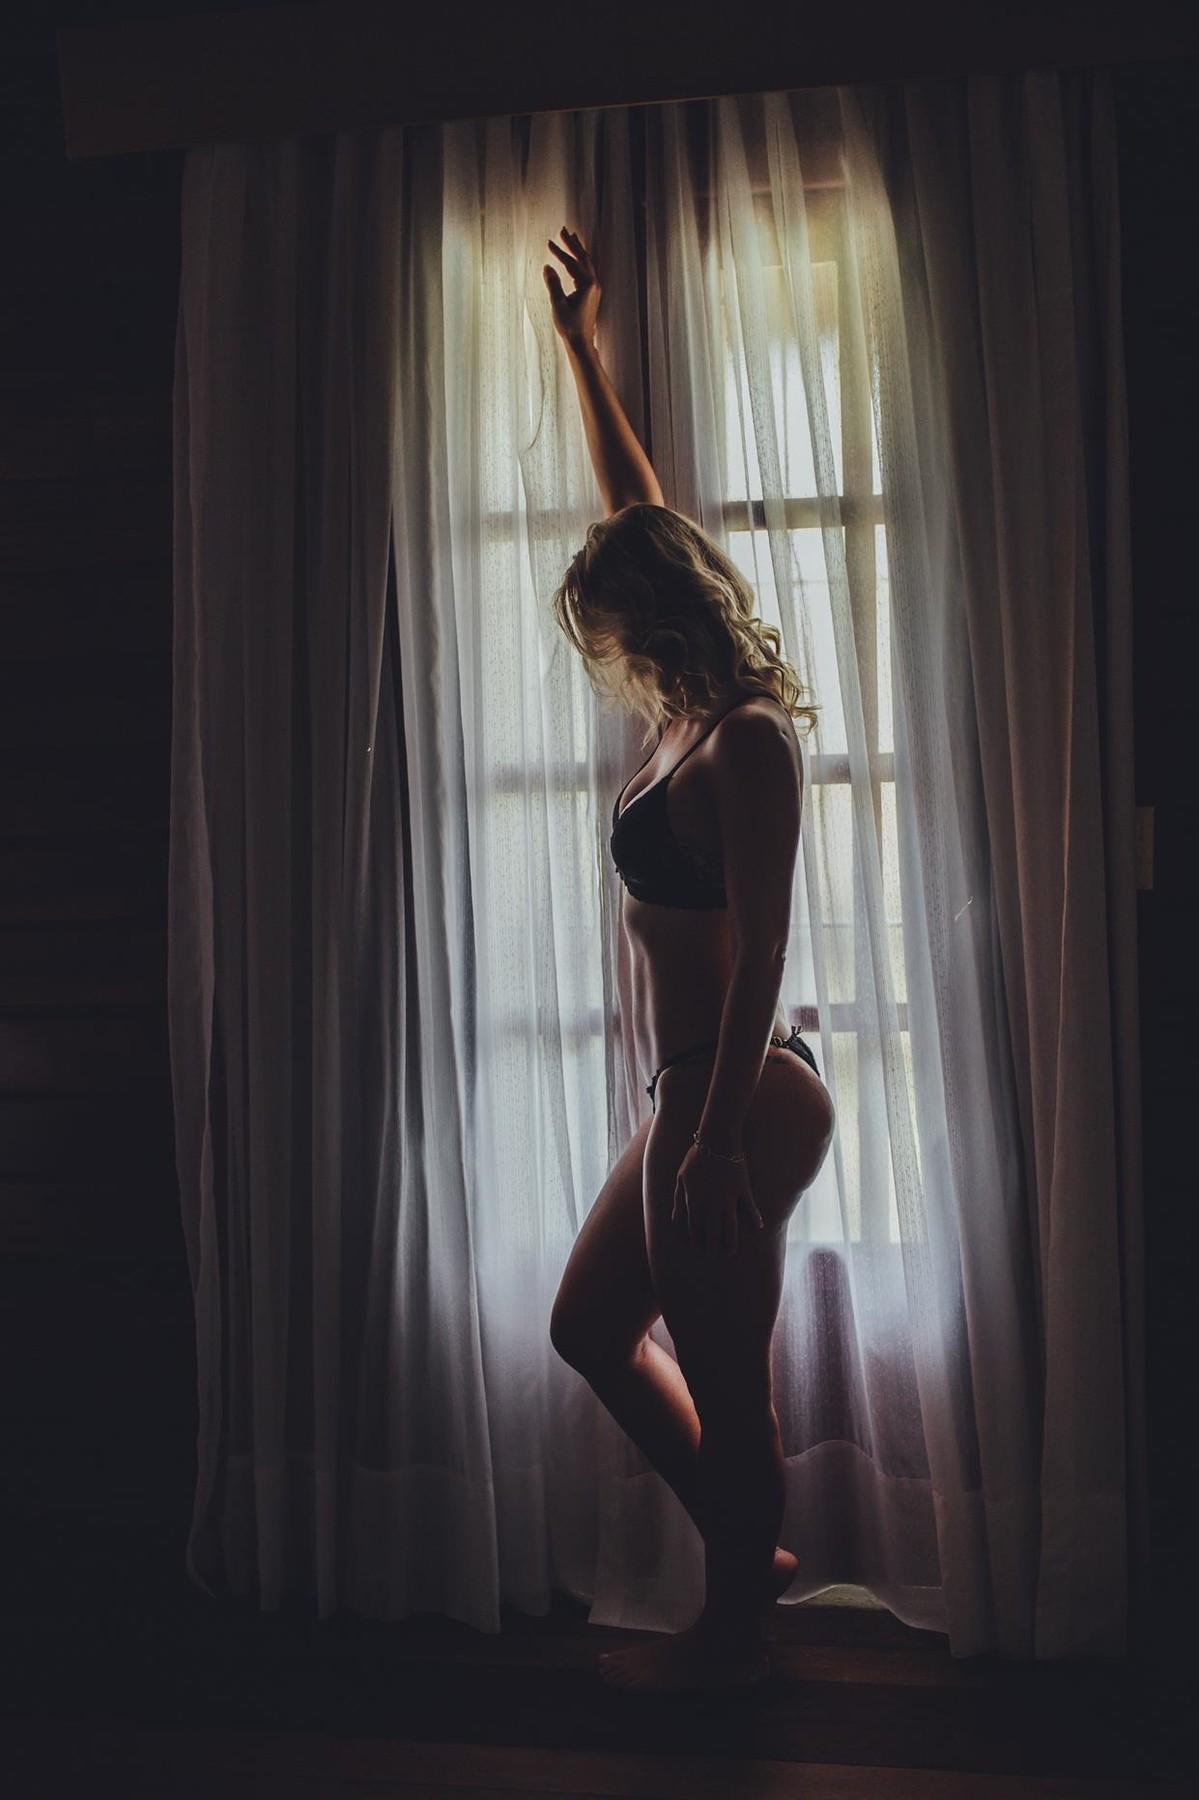 Moda vitoria fashion capixaba fotos ensaio cute moda feminina look dia beauty blog girls trend make-up hair intimo casa  home luz natural vila velha vitória ilha frade portrait retratos femininos